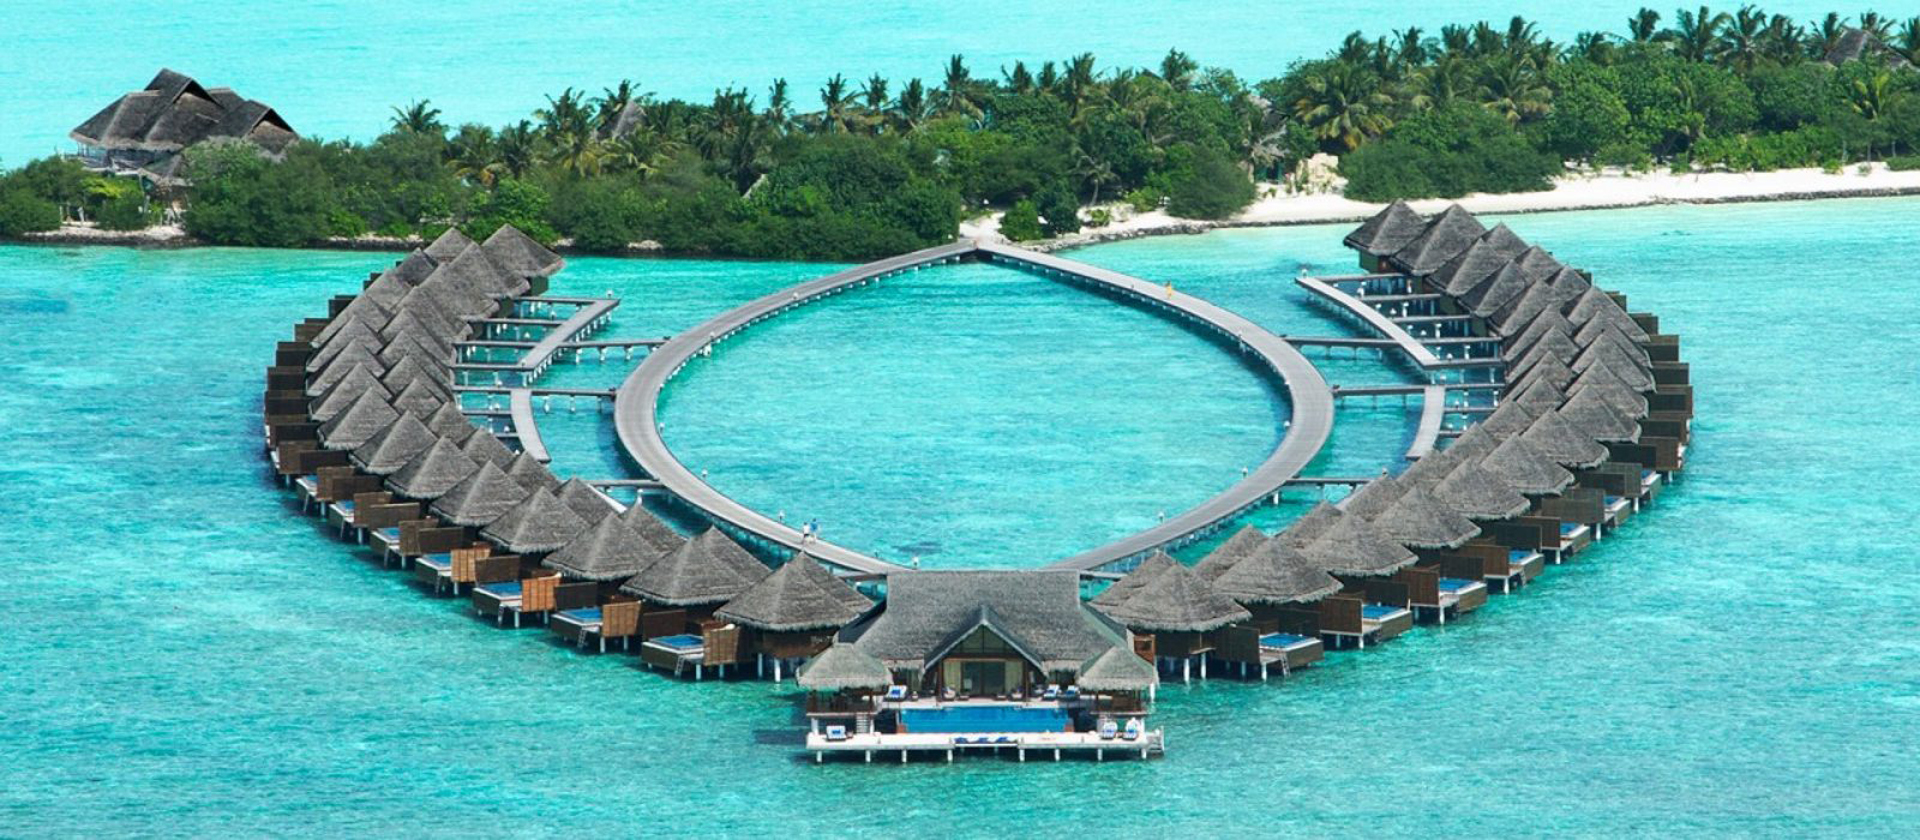 El exclusivo resort cuenta con bungalow para sus huespedes, cada una con piscina y salida directa al mar